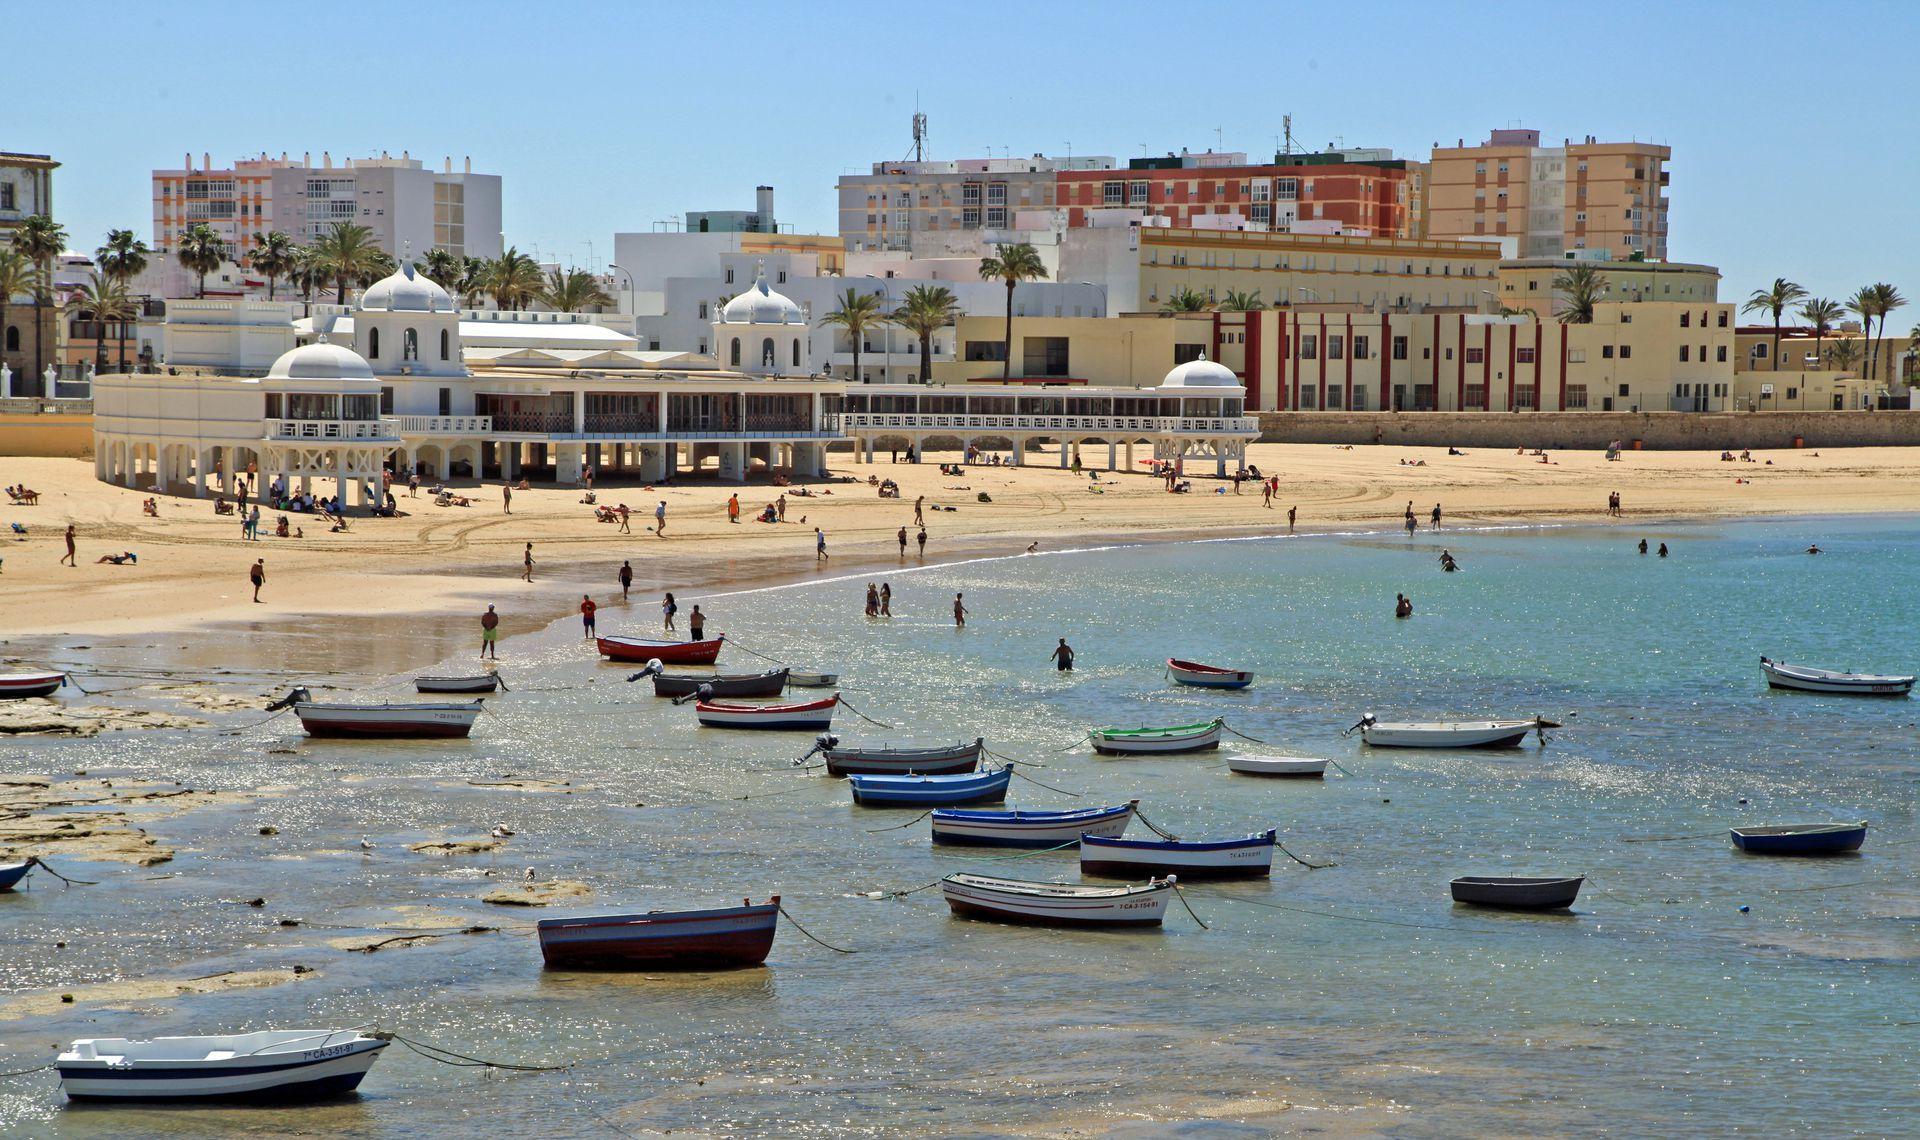 La Caleta y la ciudad antigua de Cádiz de fondo.